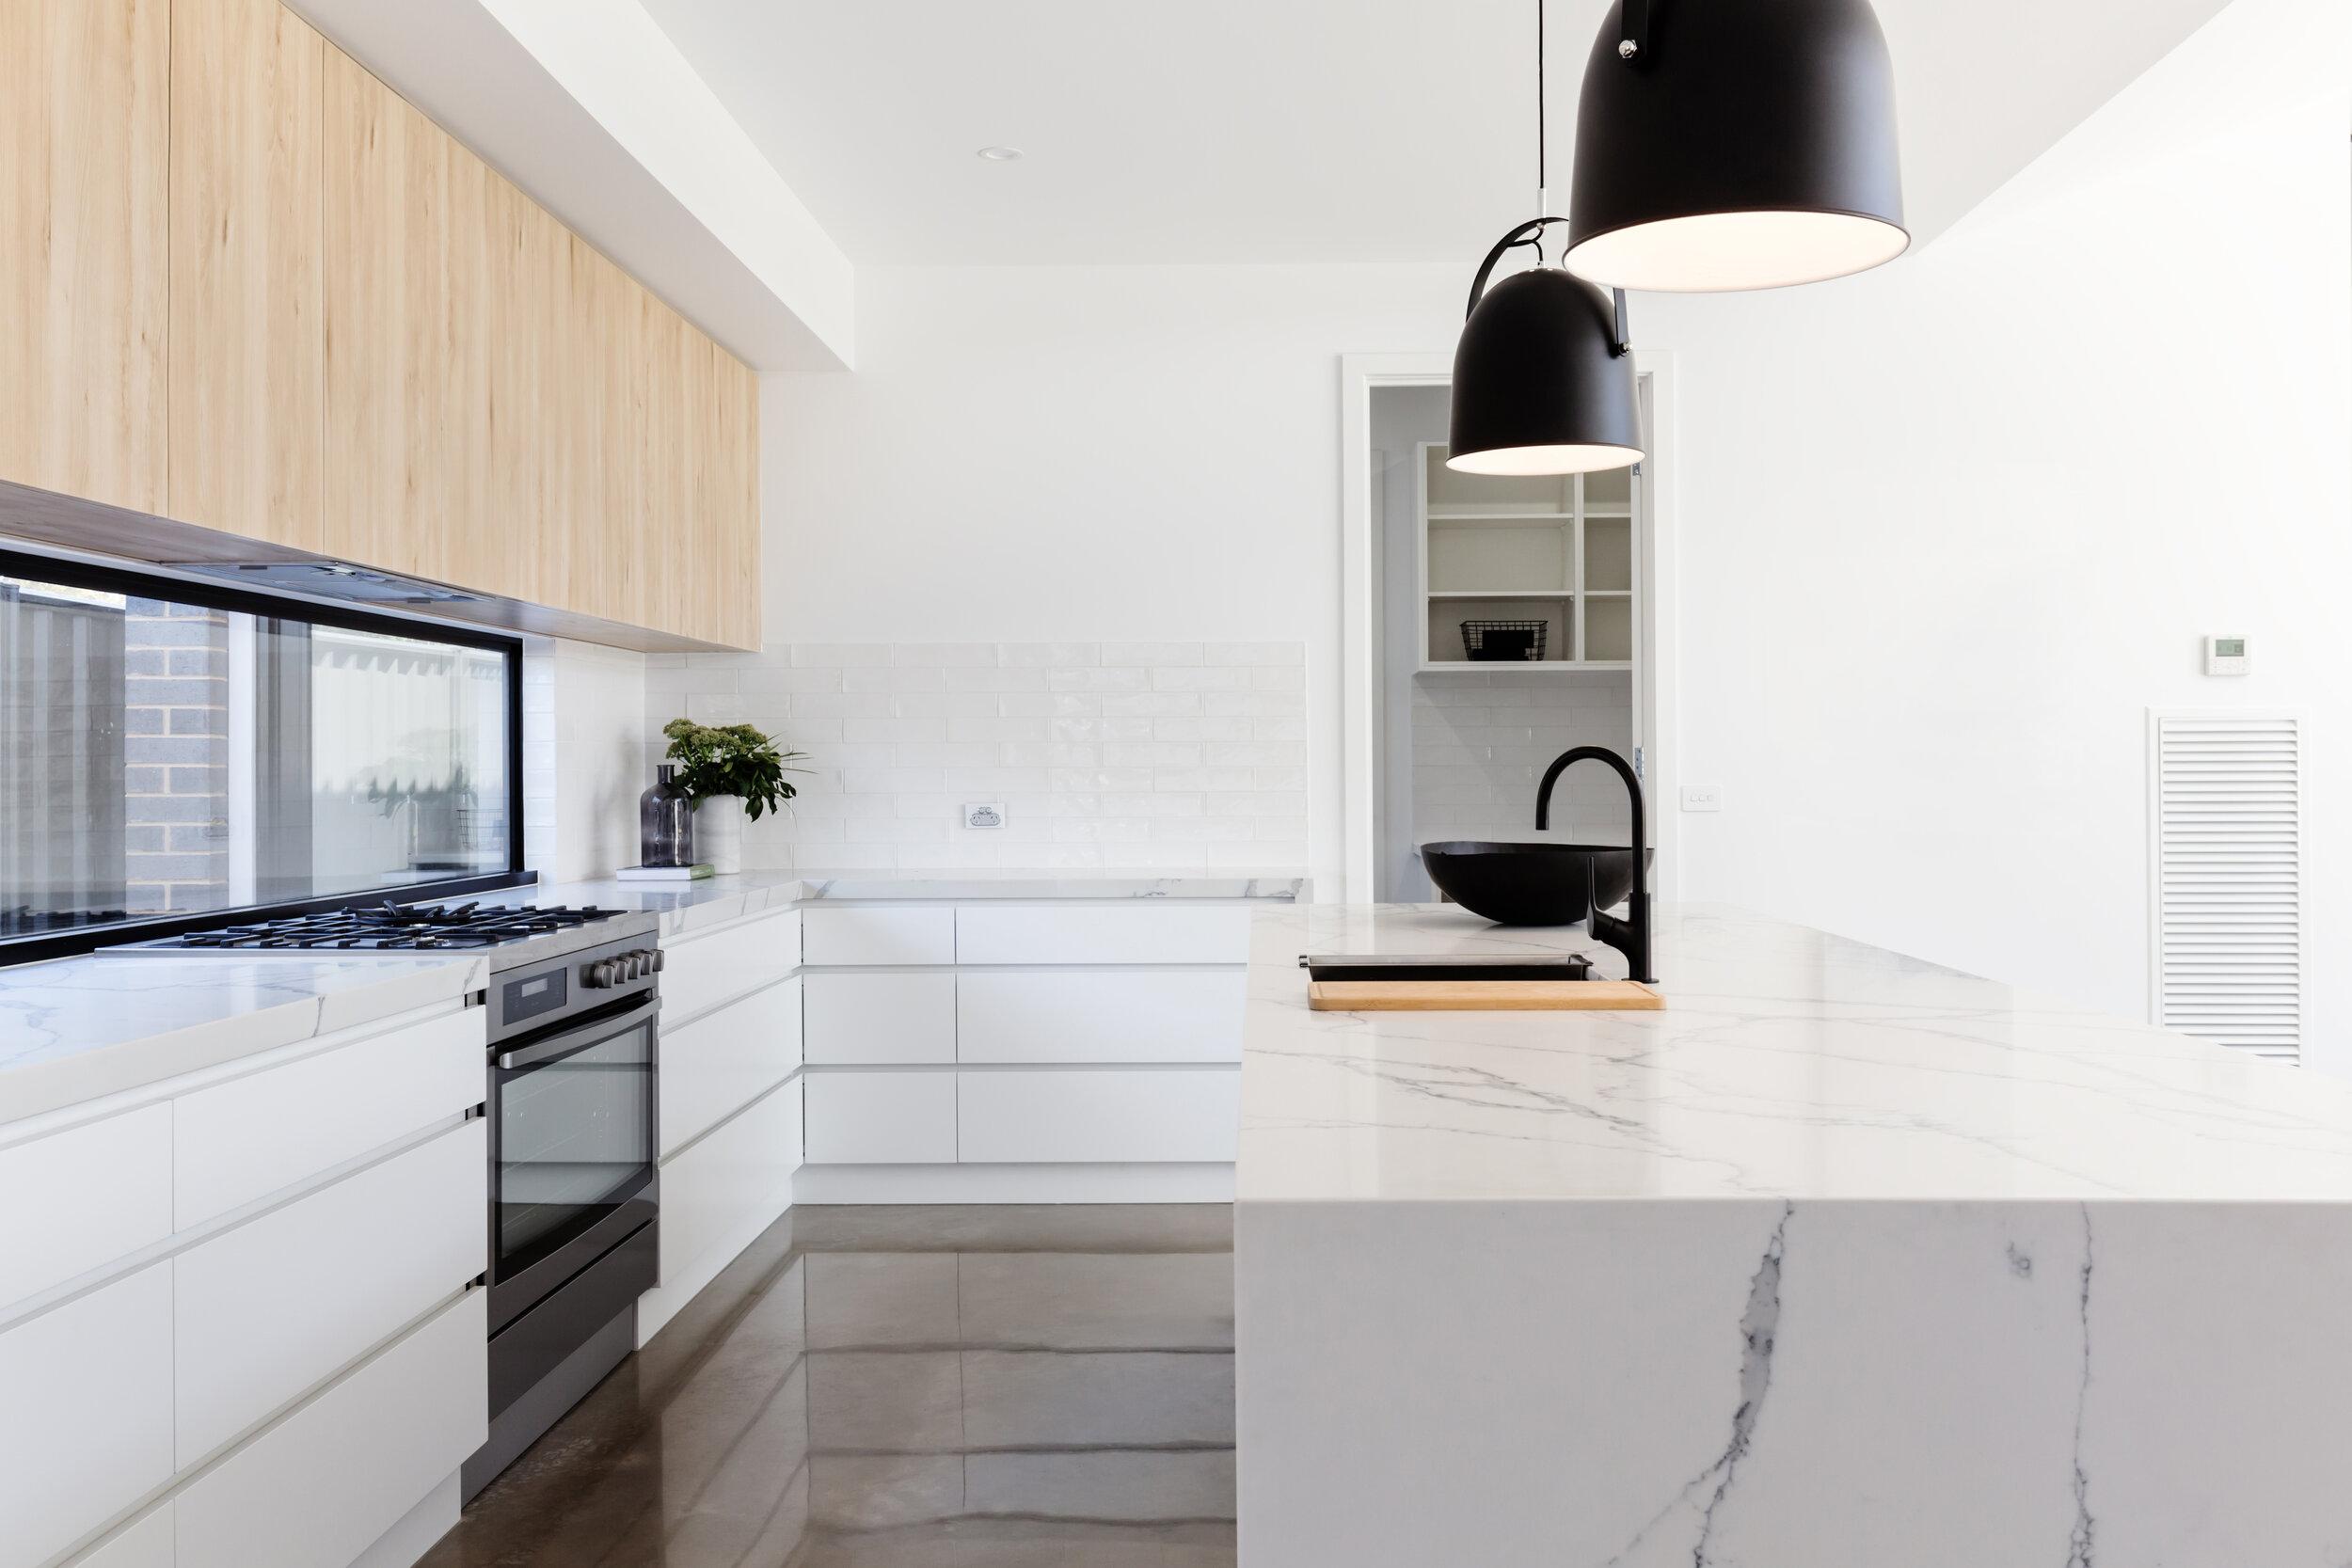 kitchen-remodeling-miami-kitchen-remodel-miami